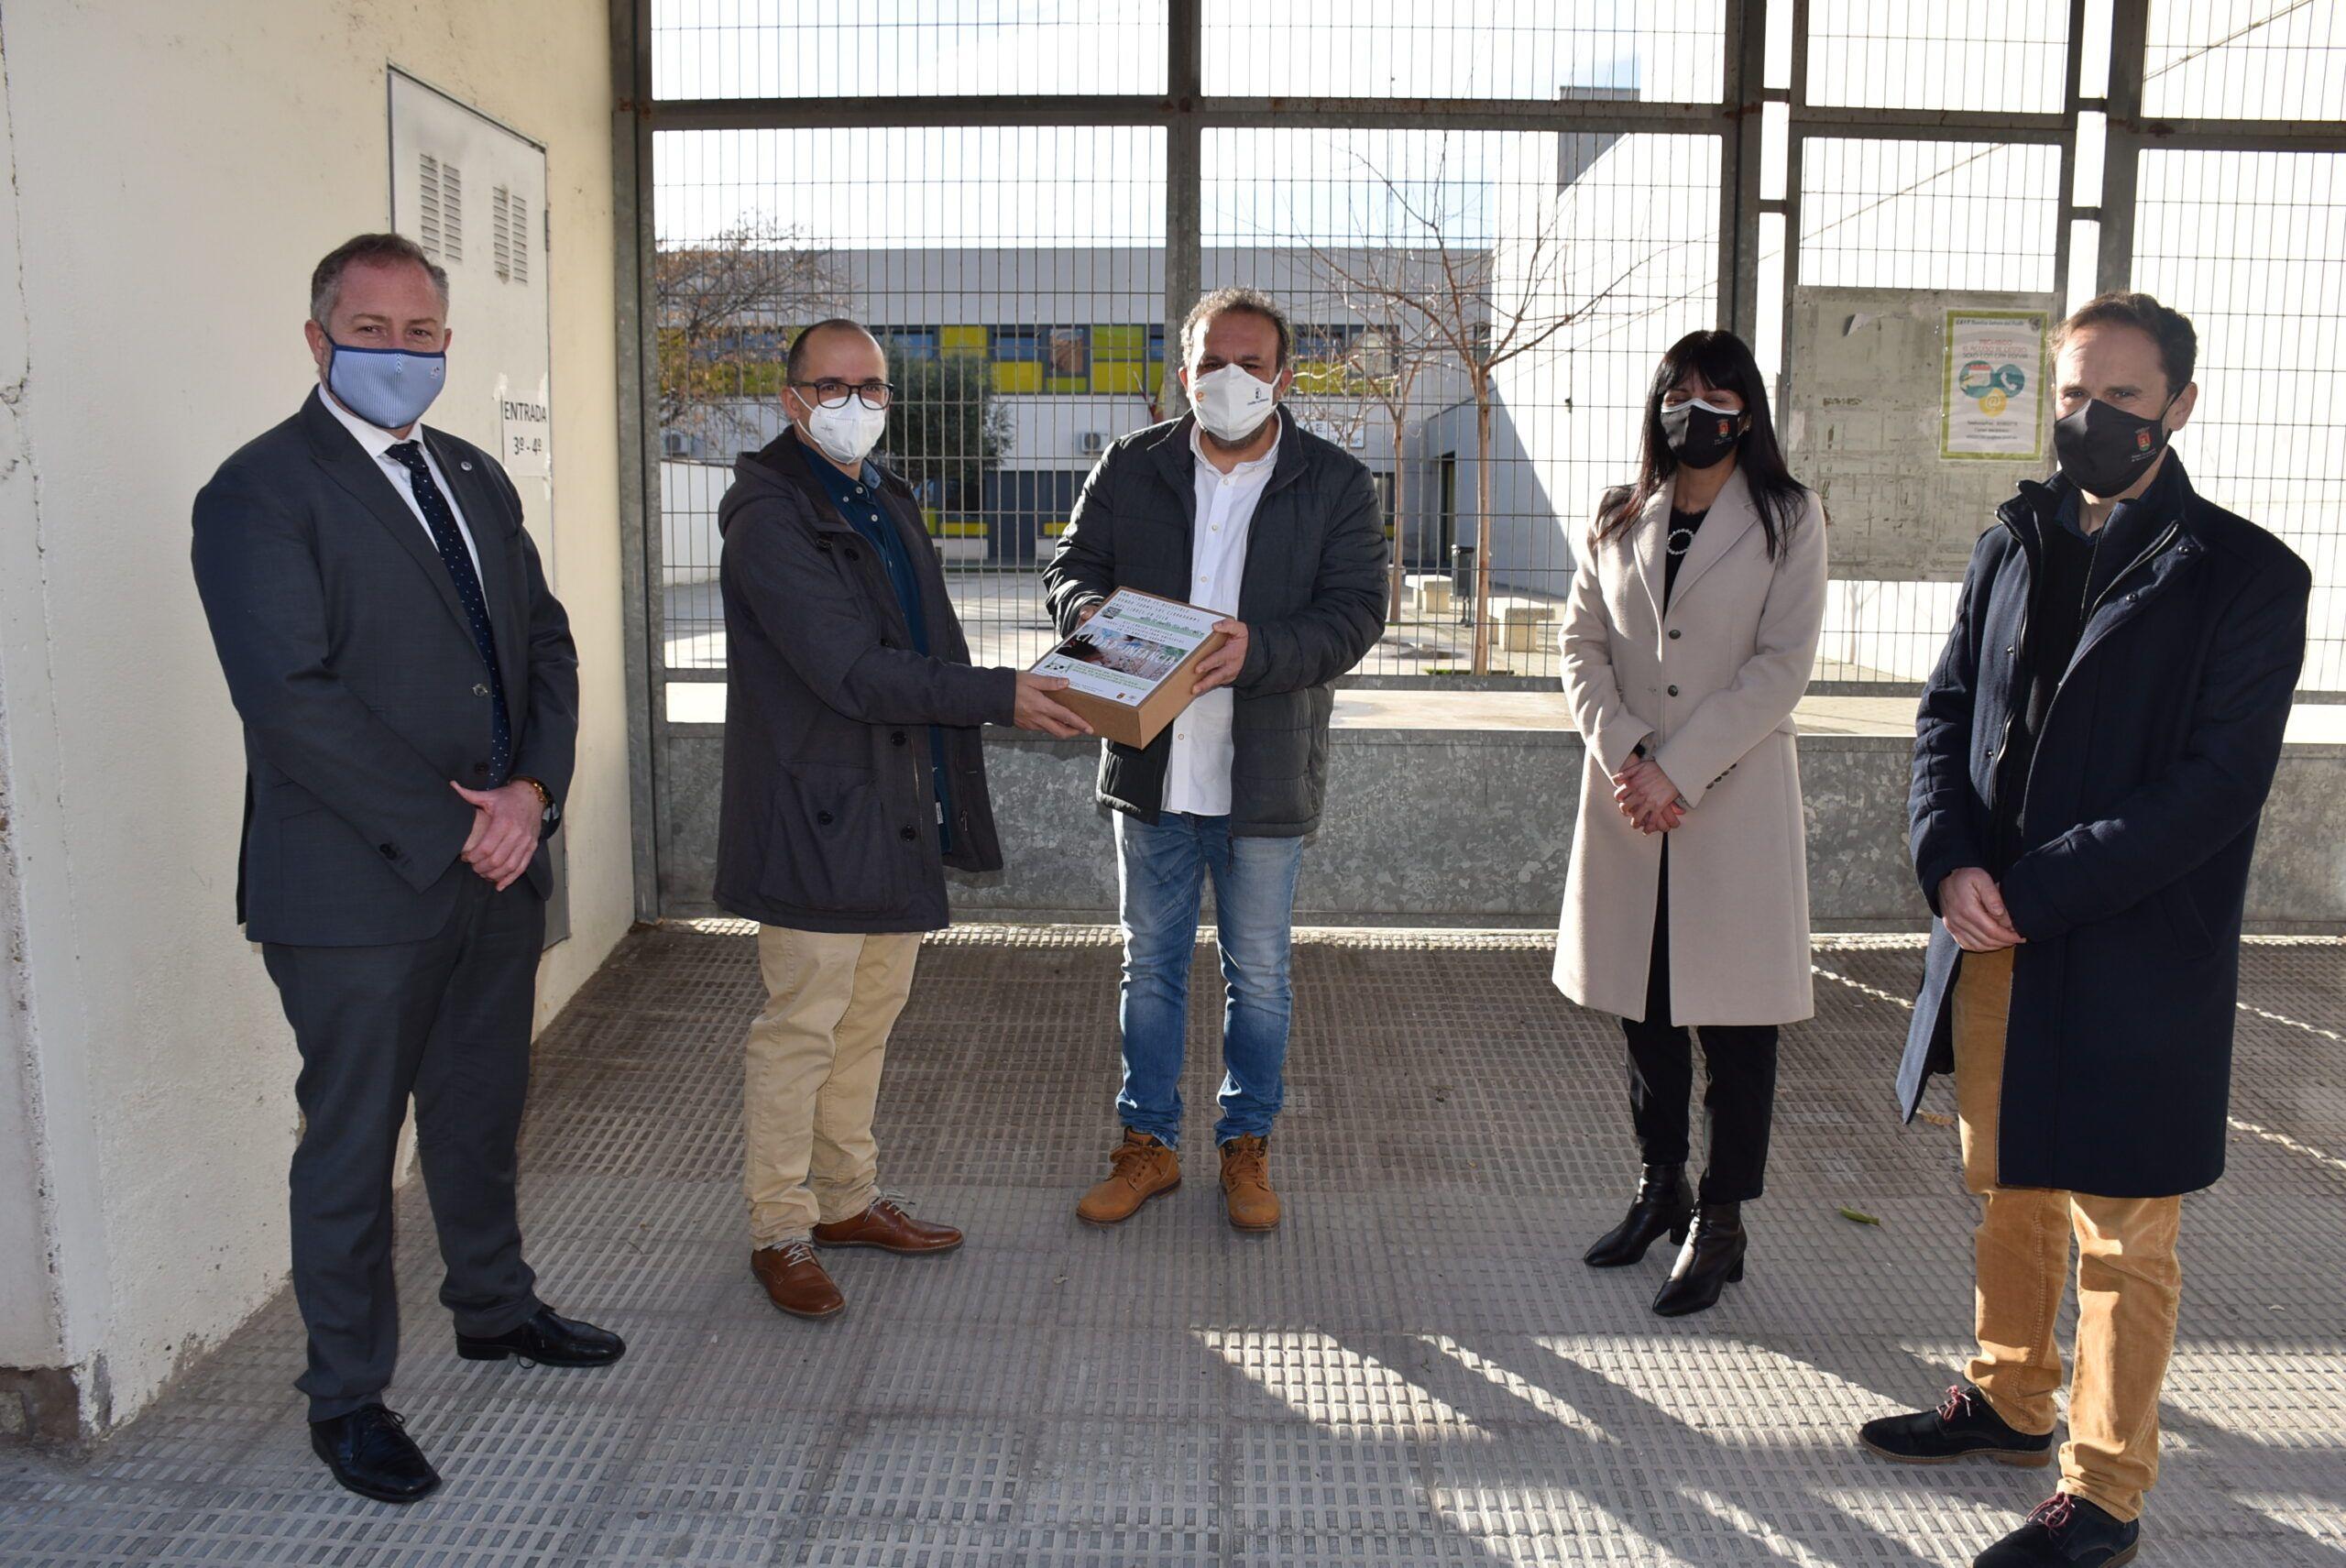 El Ayuntamiento reparte a los colegios los kits lúdico-didácticos para involucrar a los escolares en el Plan integral y universal de Accesibilidad de Talavera